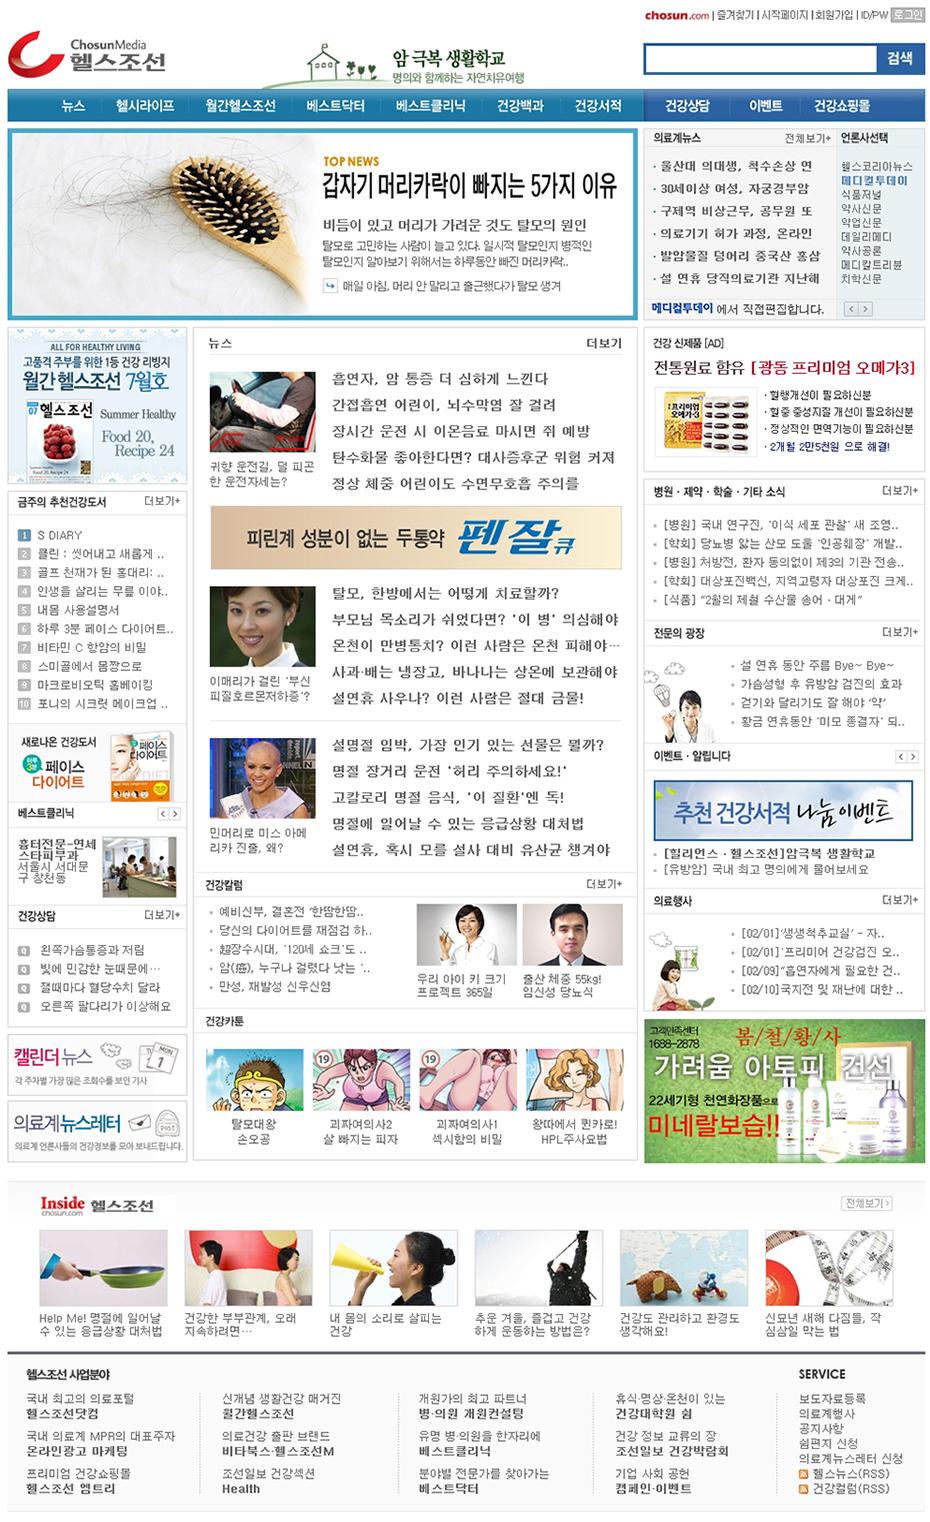 2011년 헬스조선닷컴